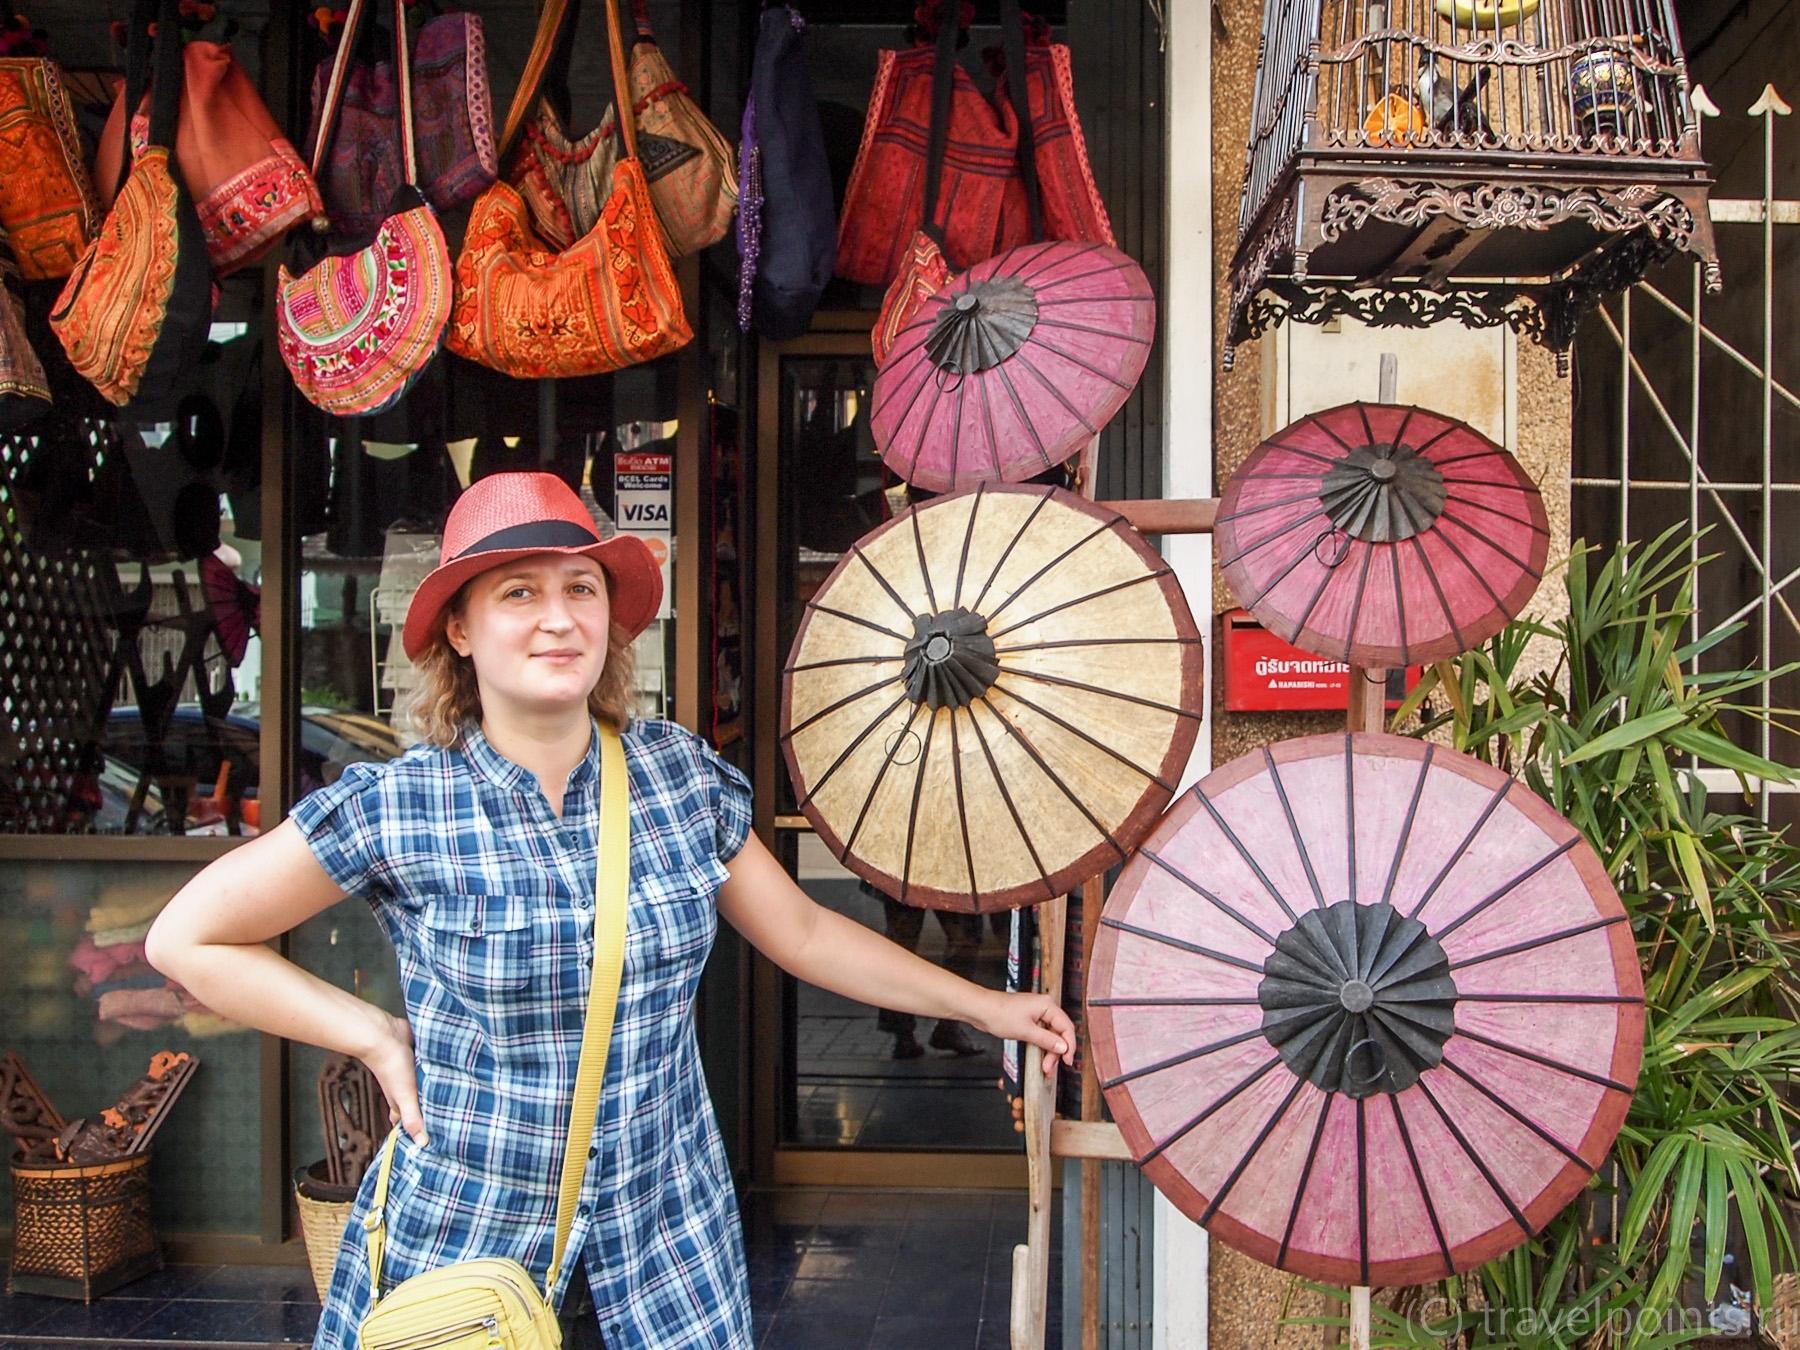 Сувенирная лавка рядом с рынком